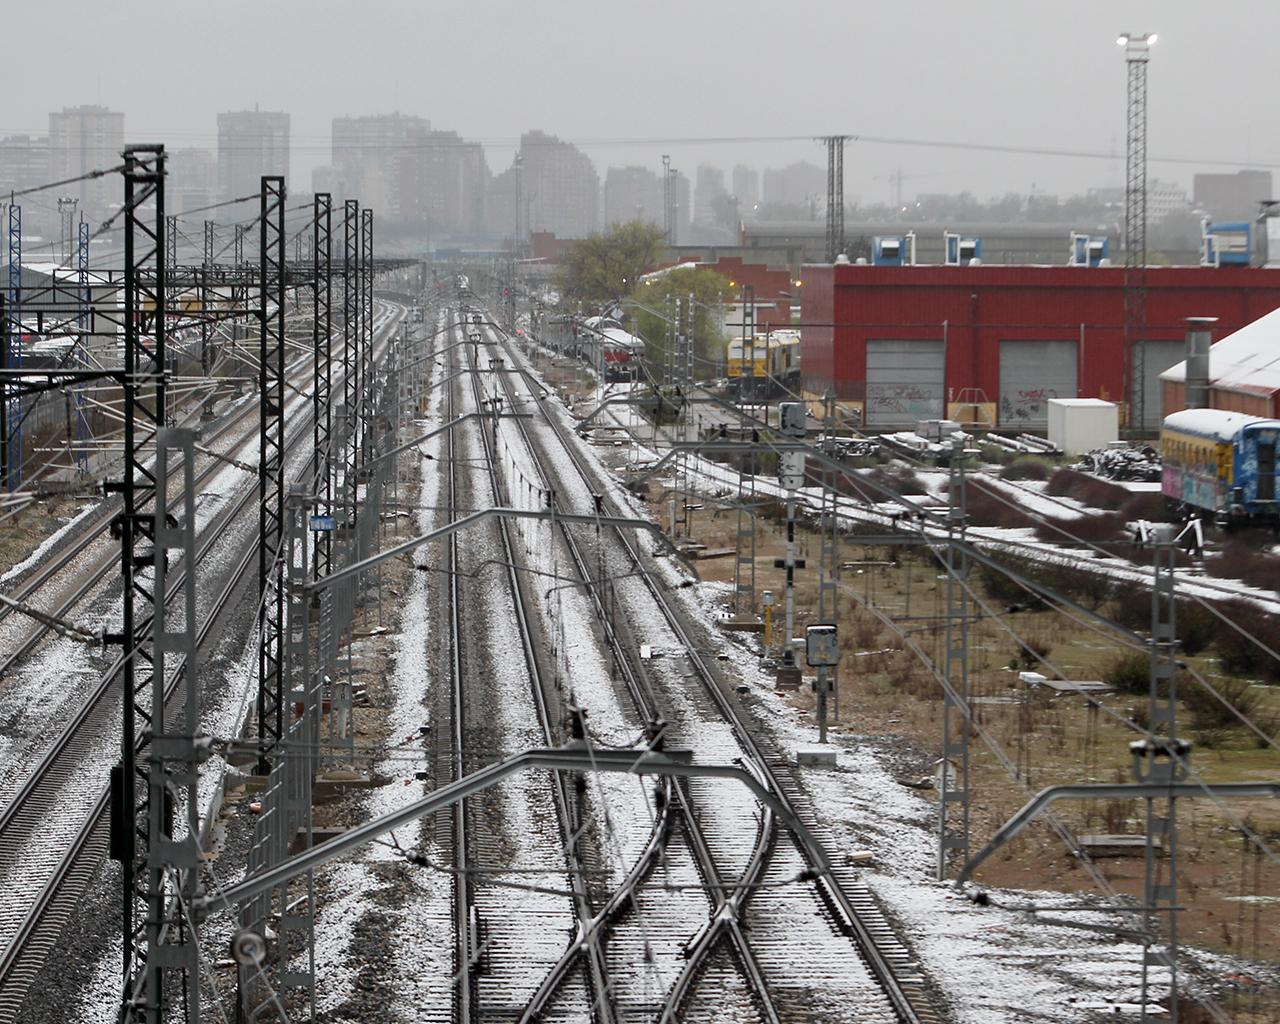 Primera nevada del año en la ciudad. Madrid. 31/03/2020.